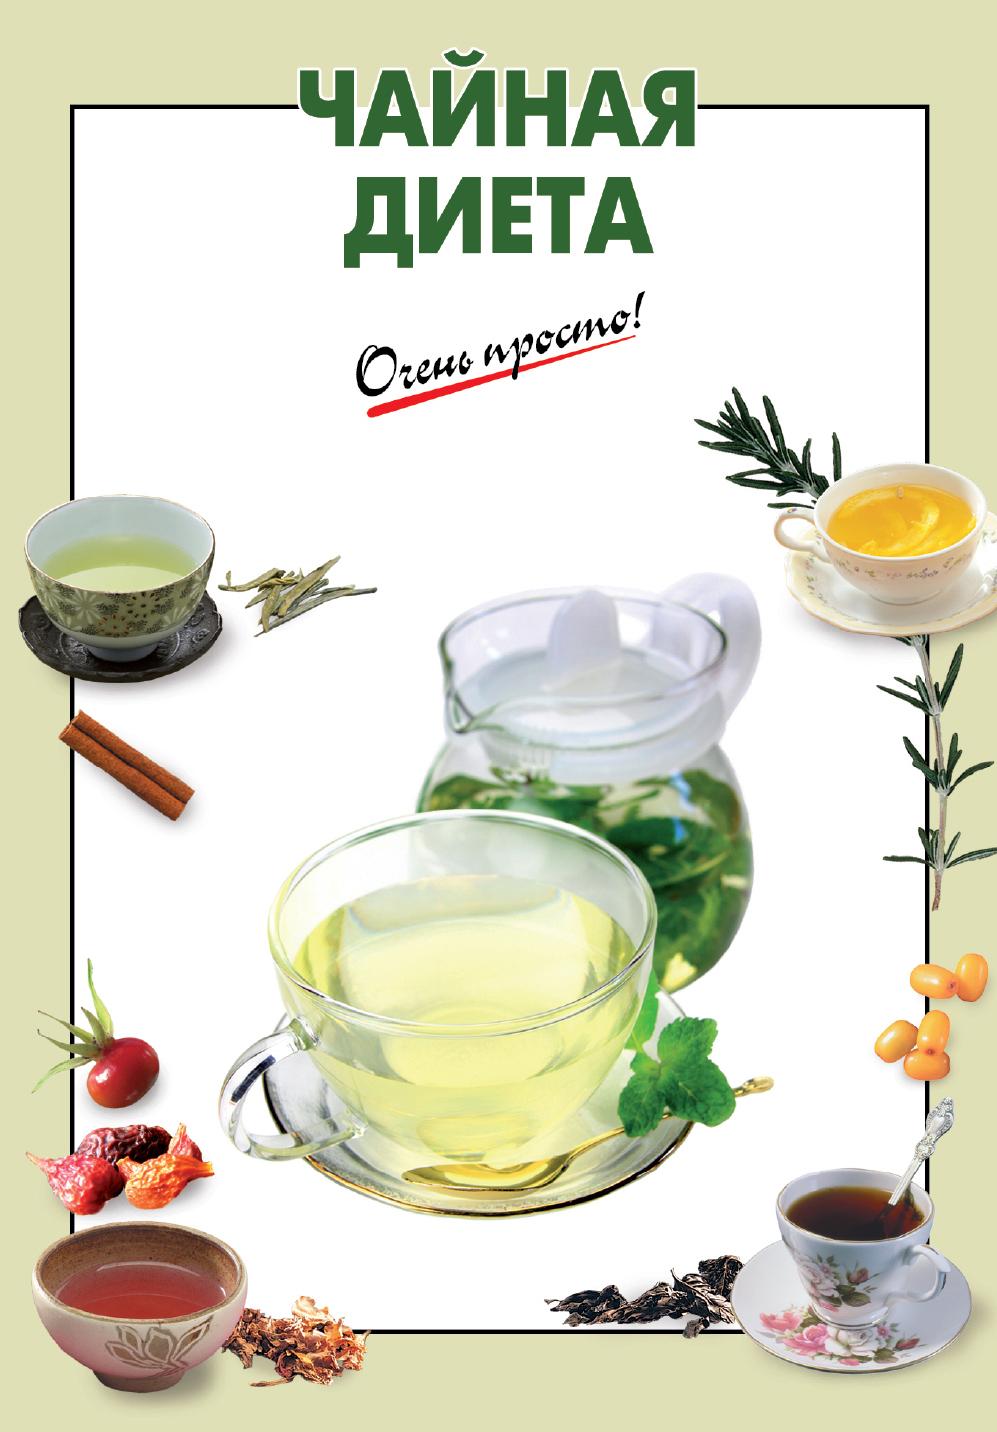 Чайная диета ( Выдревич Г.С., сост.  )